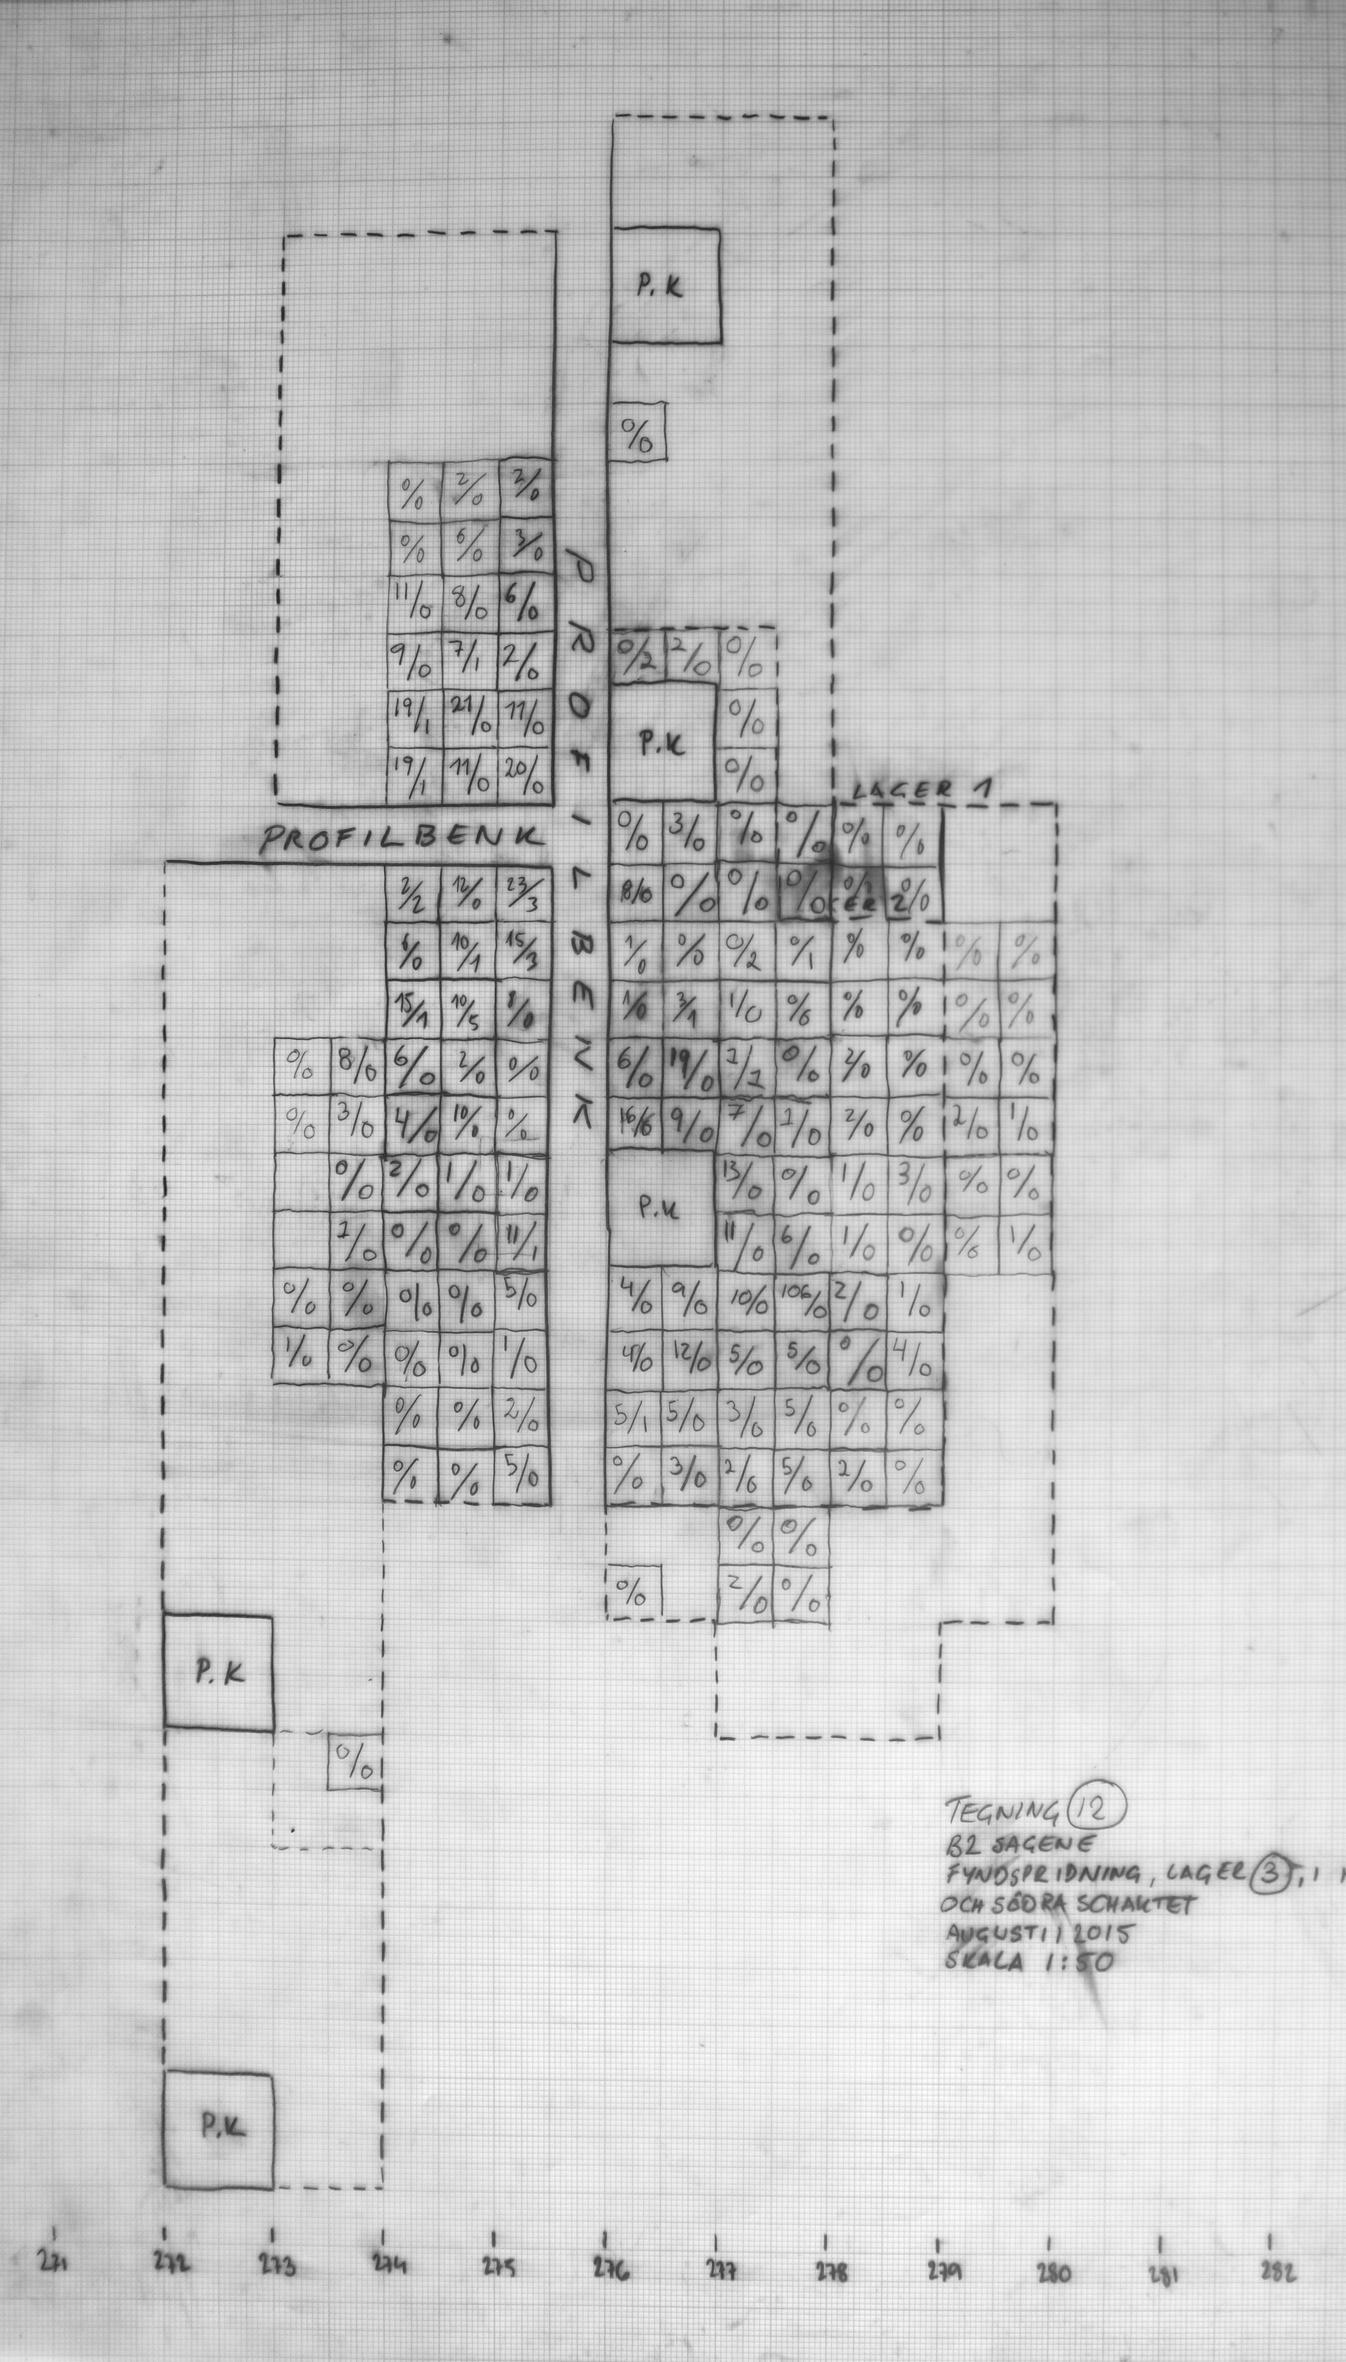 A1 felttegning fra E18 prosjektet utsnitt.jpg